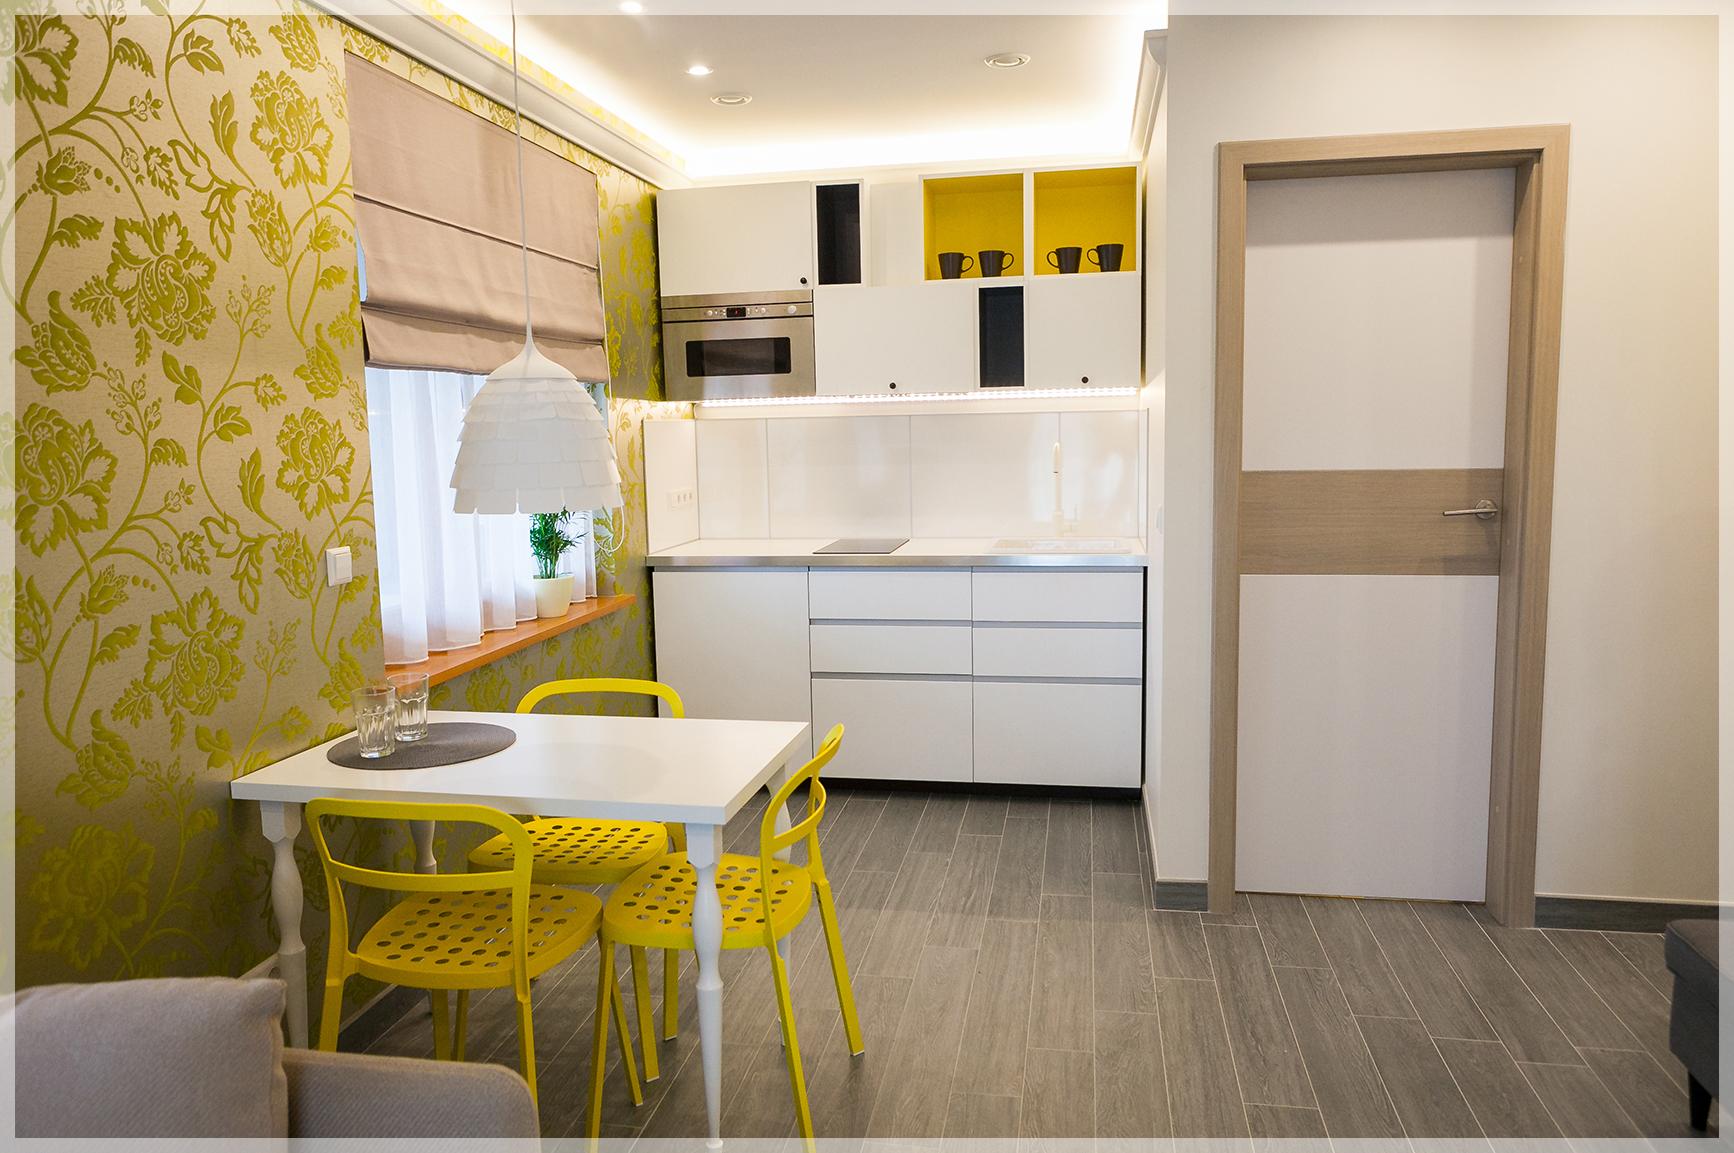 Vila_Nikolas__0002_geltonieji apartamentai